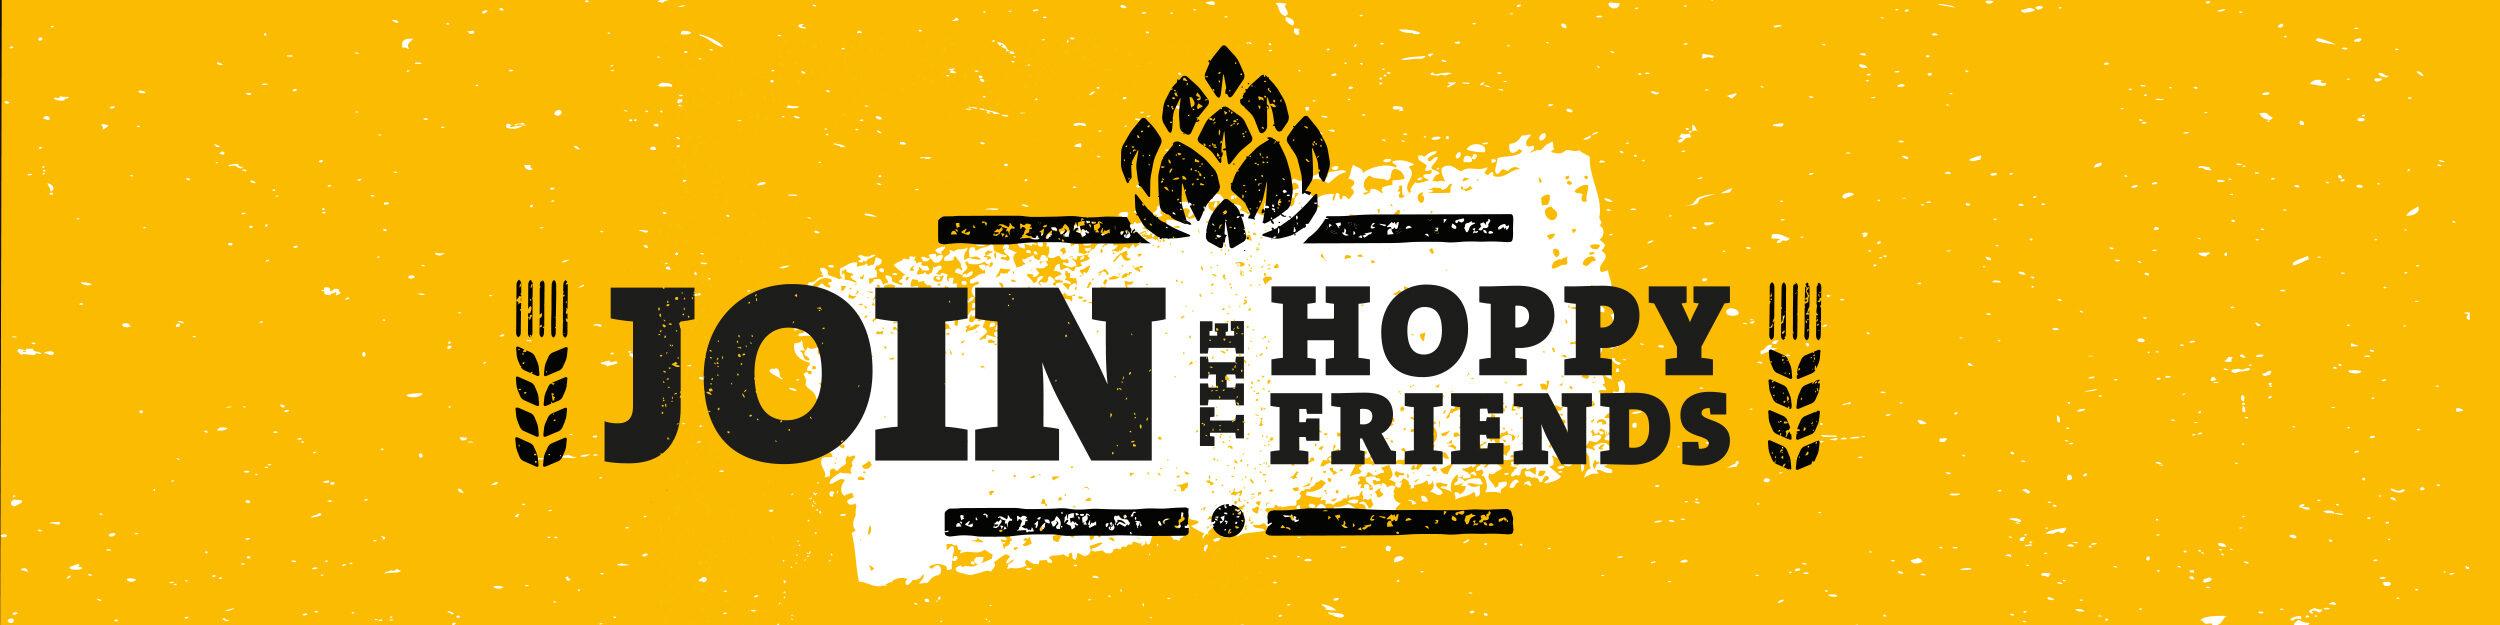 Hoppy Friends